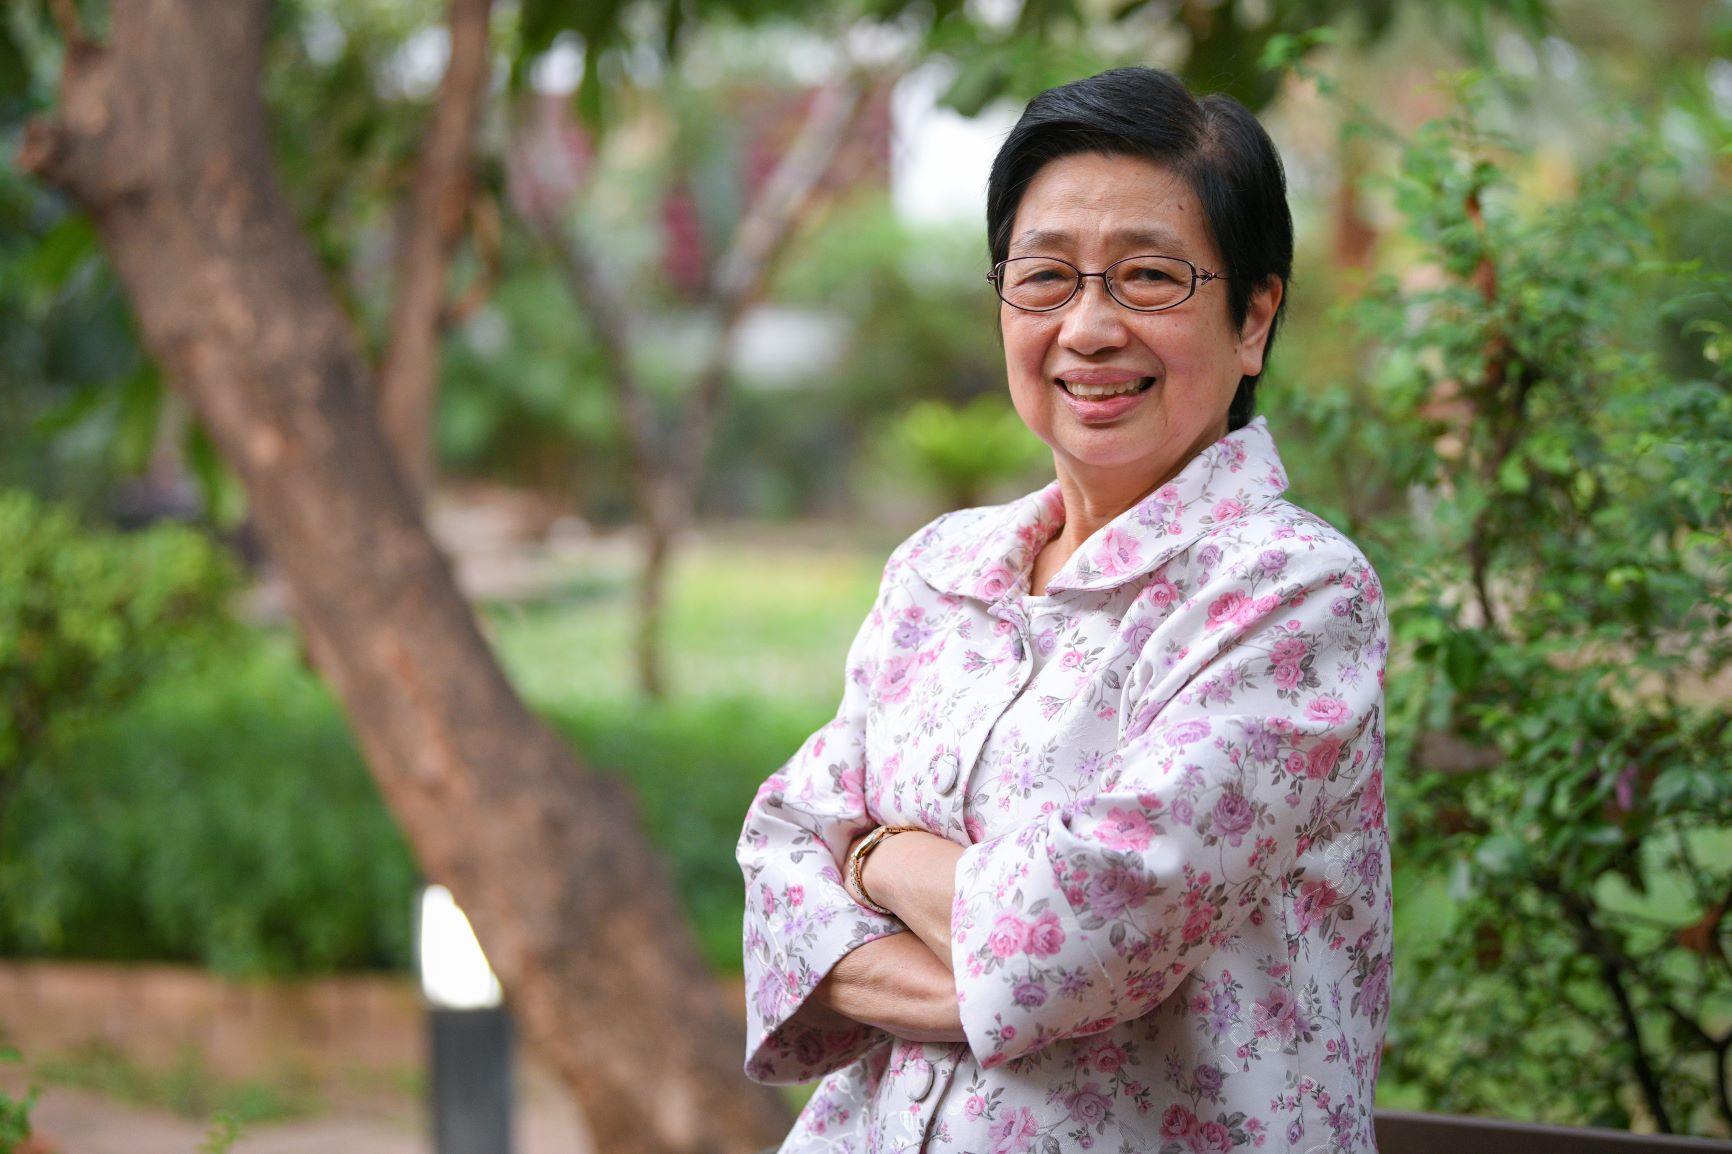 ย้ำผู้สูงอายุจริงจัง 5 กฎเหล็กป้องกันไวรัสโควิด-19 thaihealth